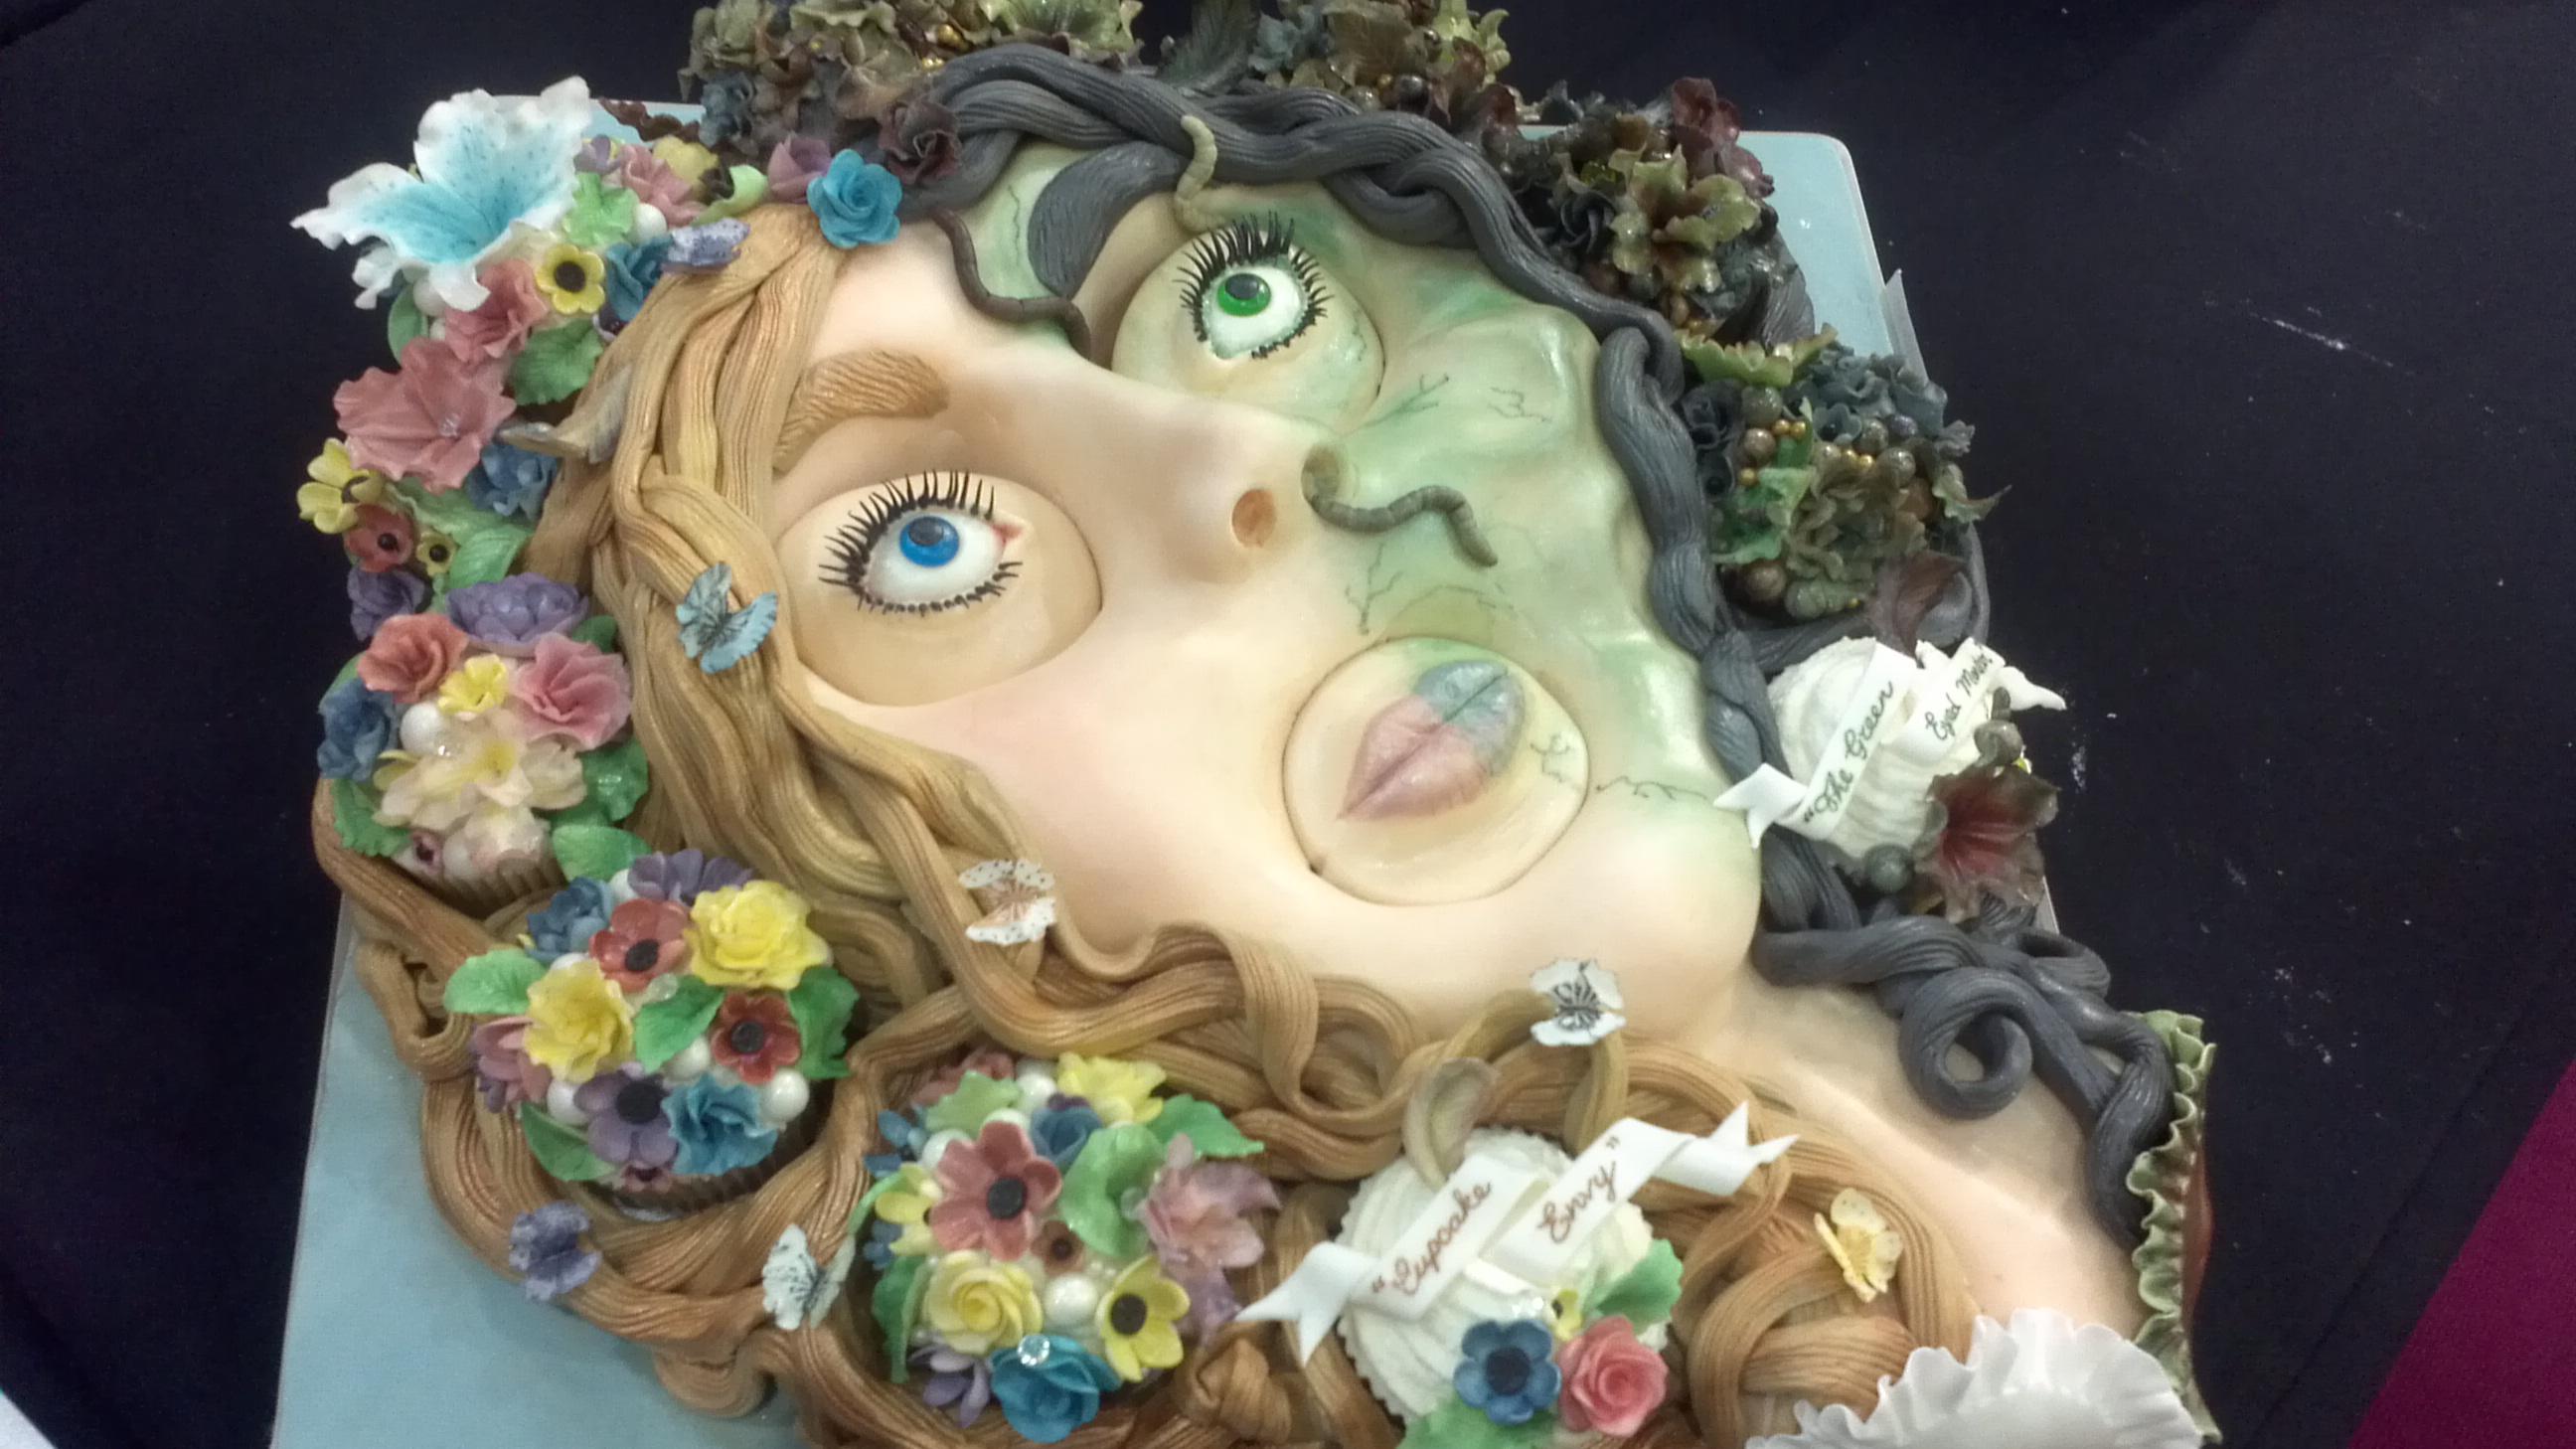 Sugarcraft Cake Decorating And Baking Show : Cake International   Sugarcraft, Cake Decorating & Baking ...